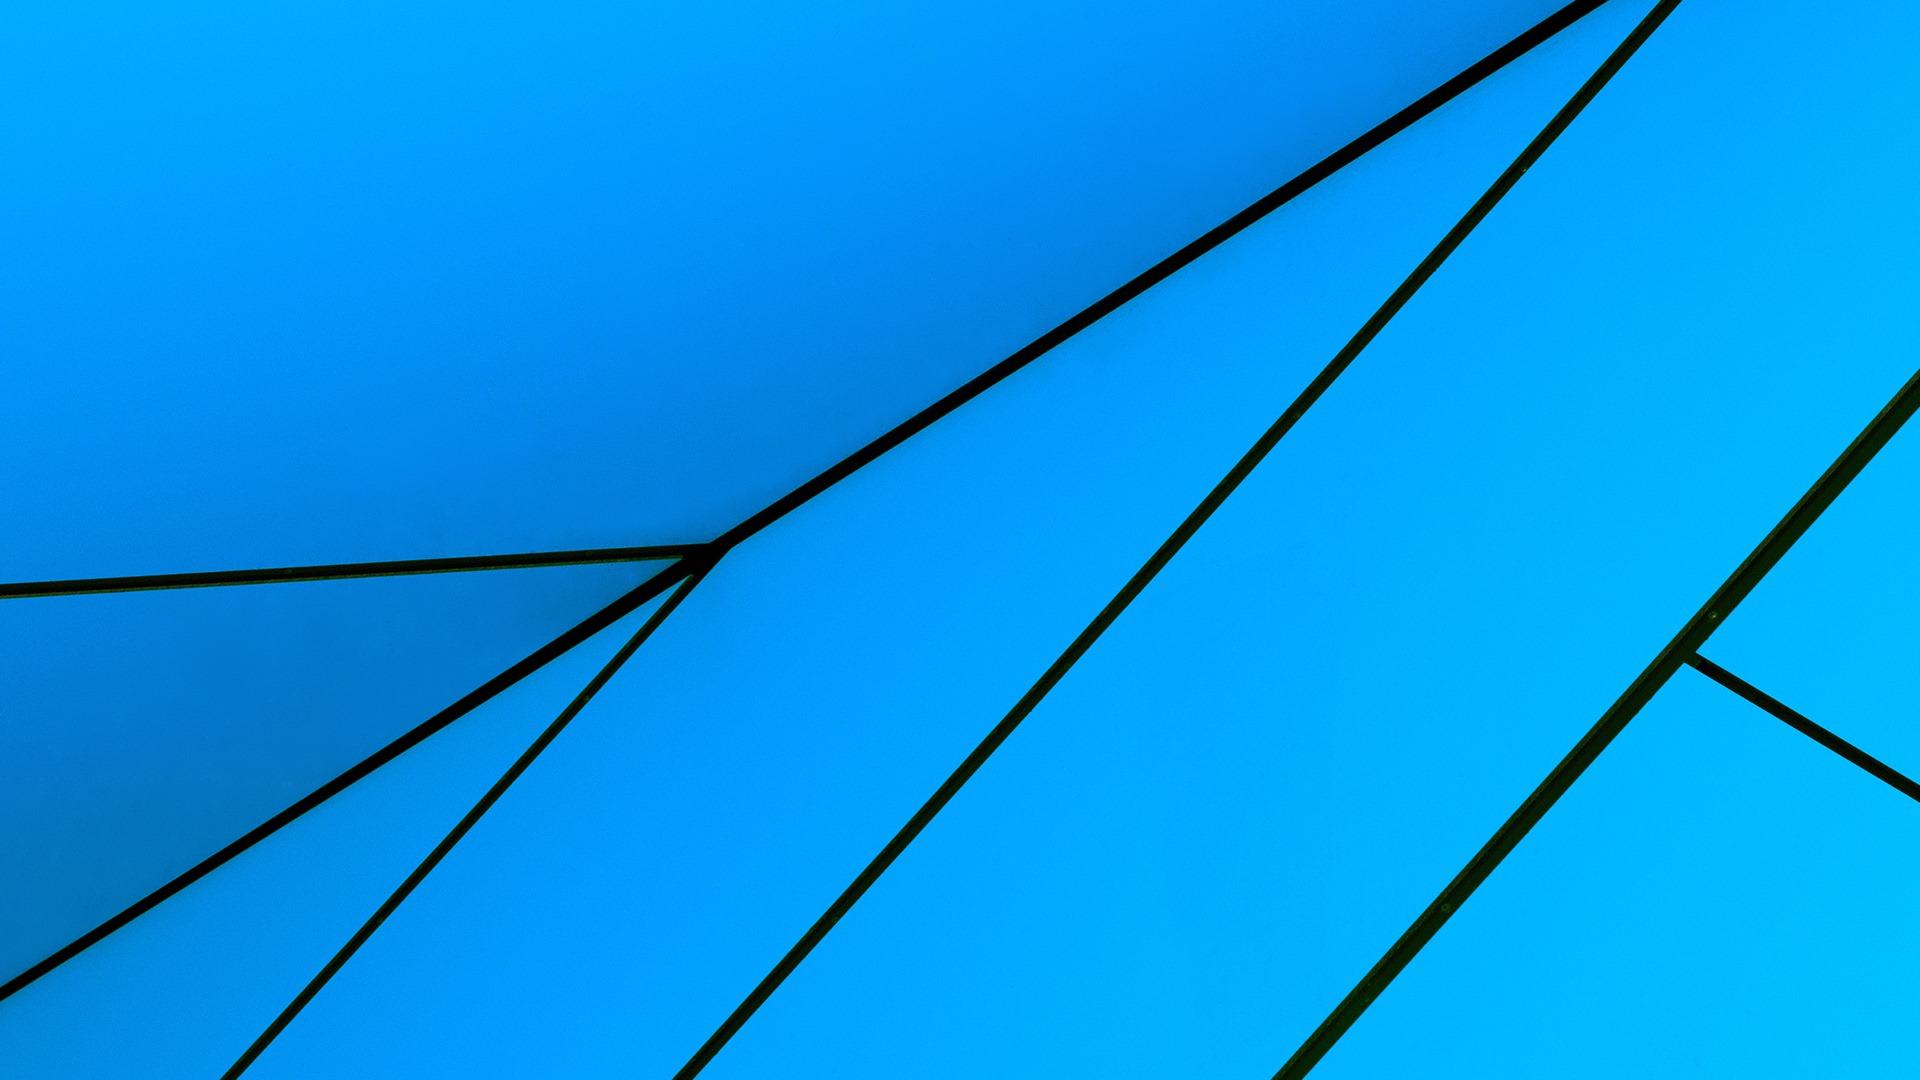 윈도우 10의 HD 배경 화면 모음 (3) #12 - 1920x1080 배경 화면 다운로드 - 윈도우 ... Hd Wallpaper 1920x1080